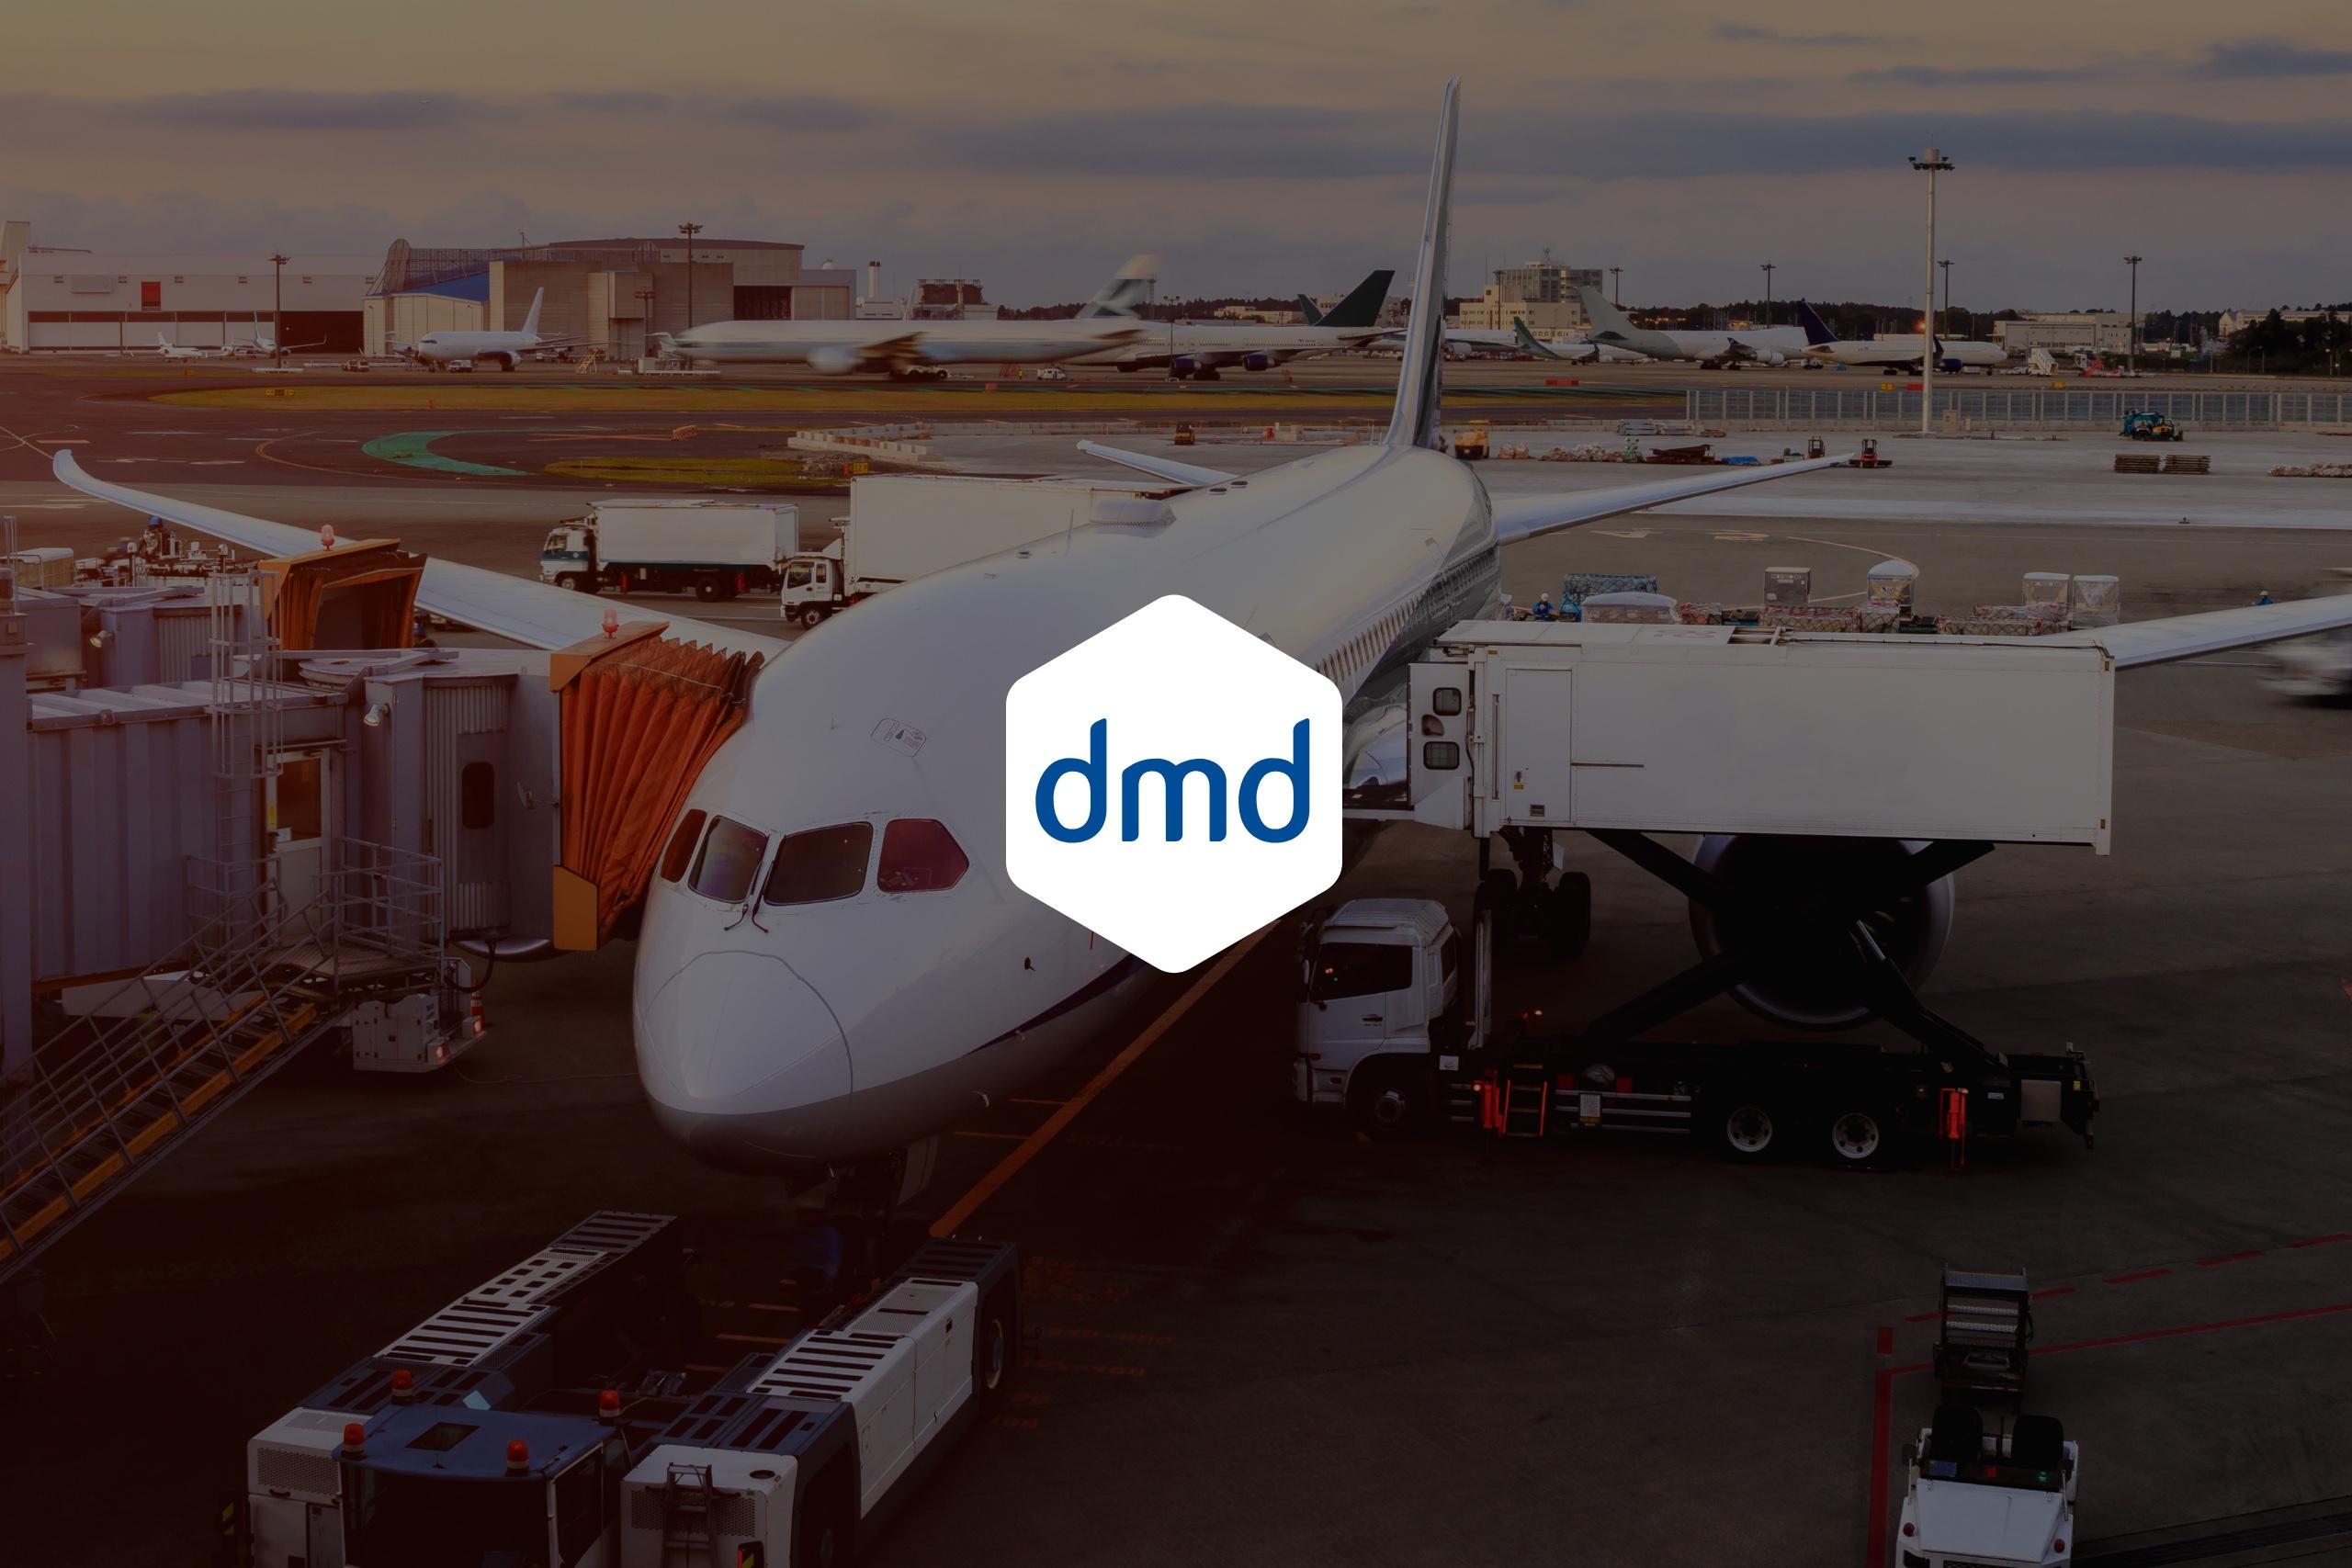 DMD corporate identity